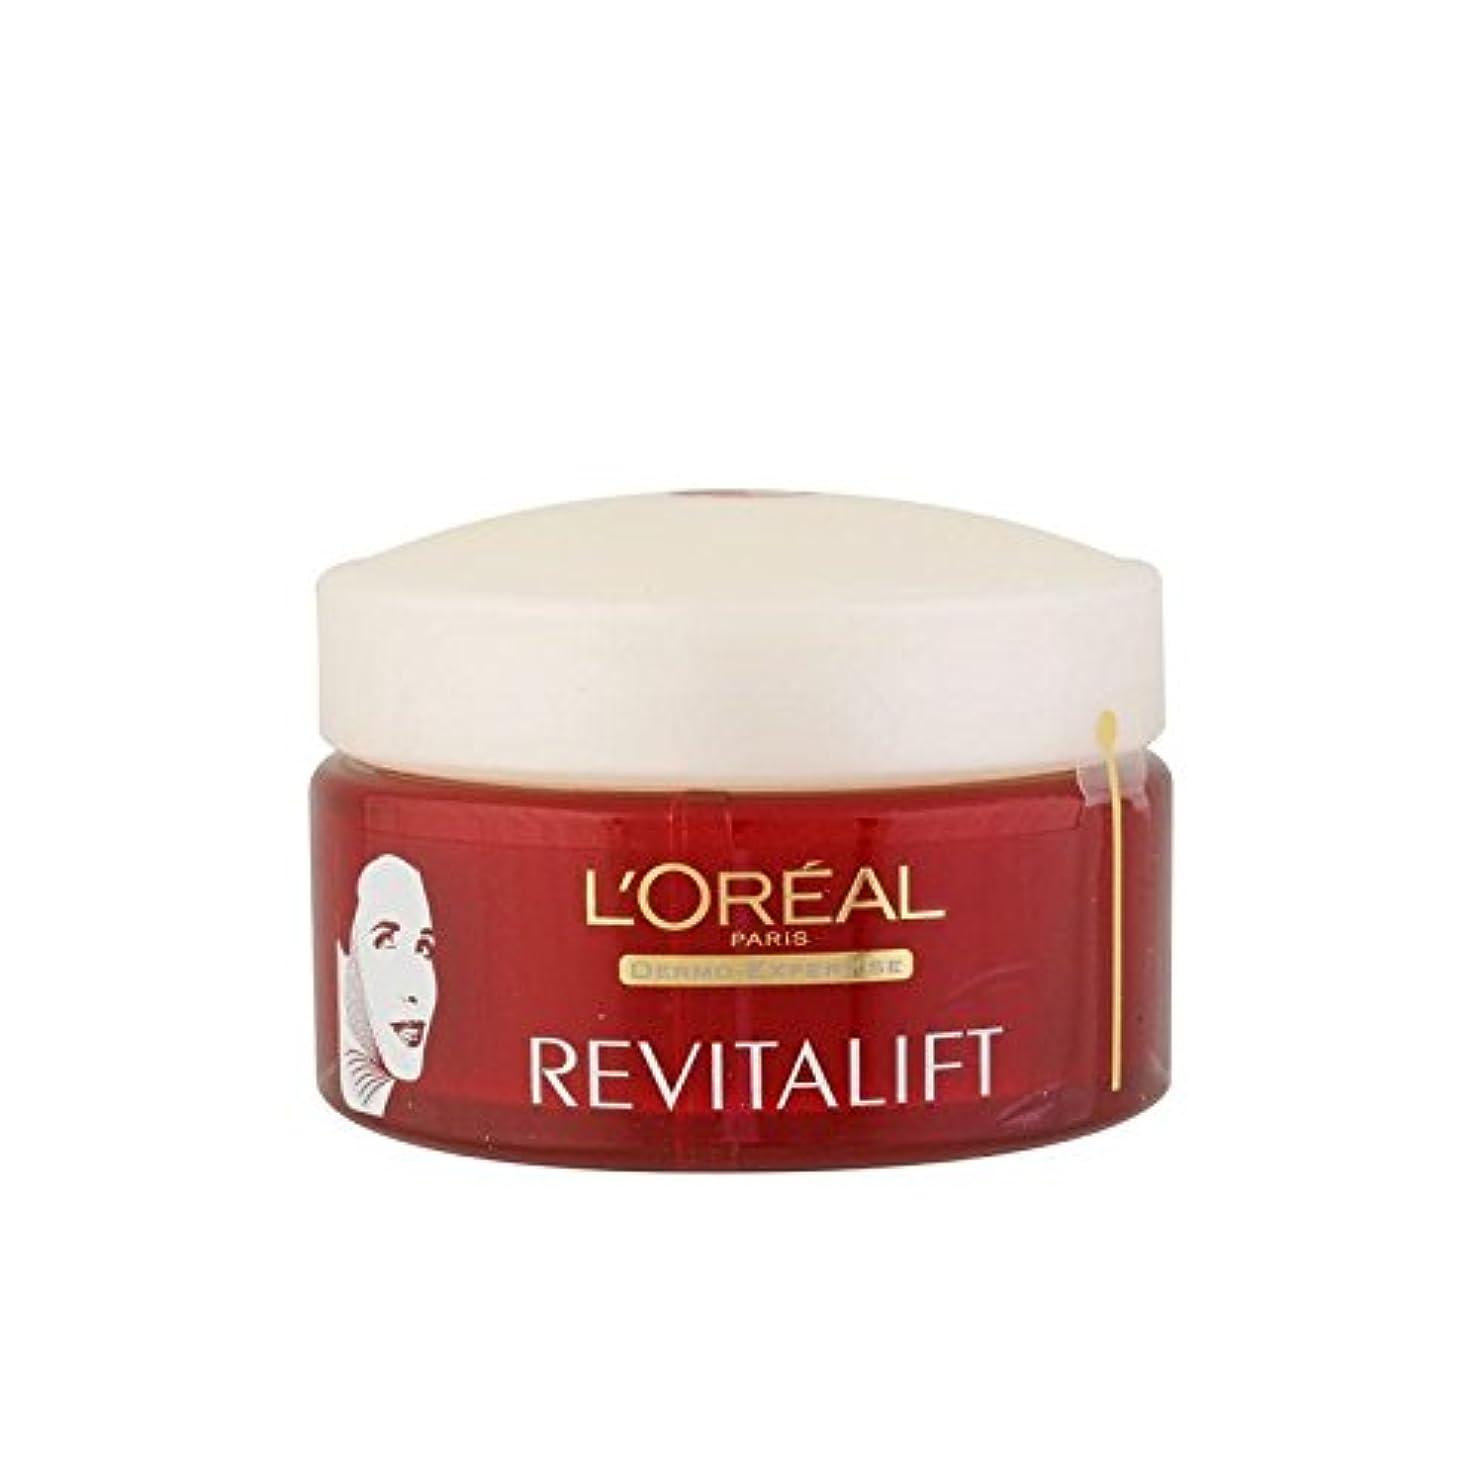 不名誉科学的証明ロレアルパリ?ダーモ専門知識顔の輪郭や首の再サポートクリーム(50ミリリットル) x4 - L'Oreal Paris Dermo Expertise Revitalift Face Contours And Neck...